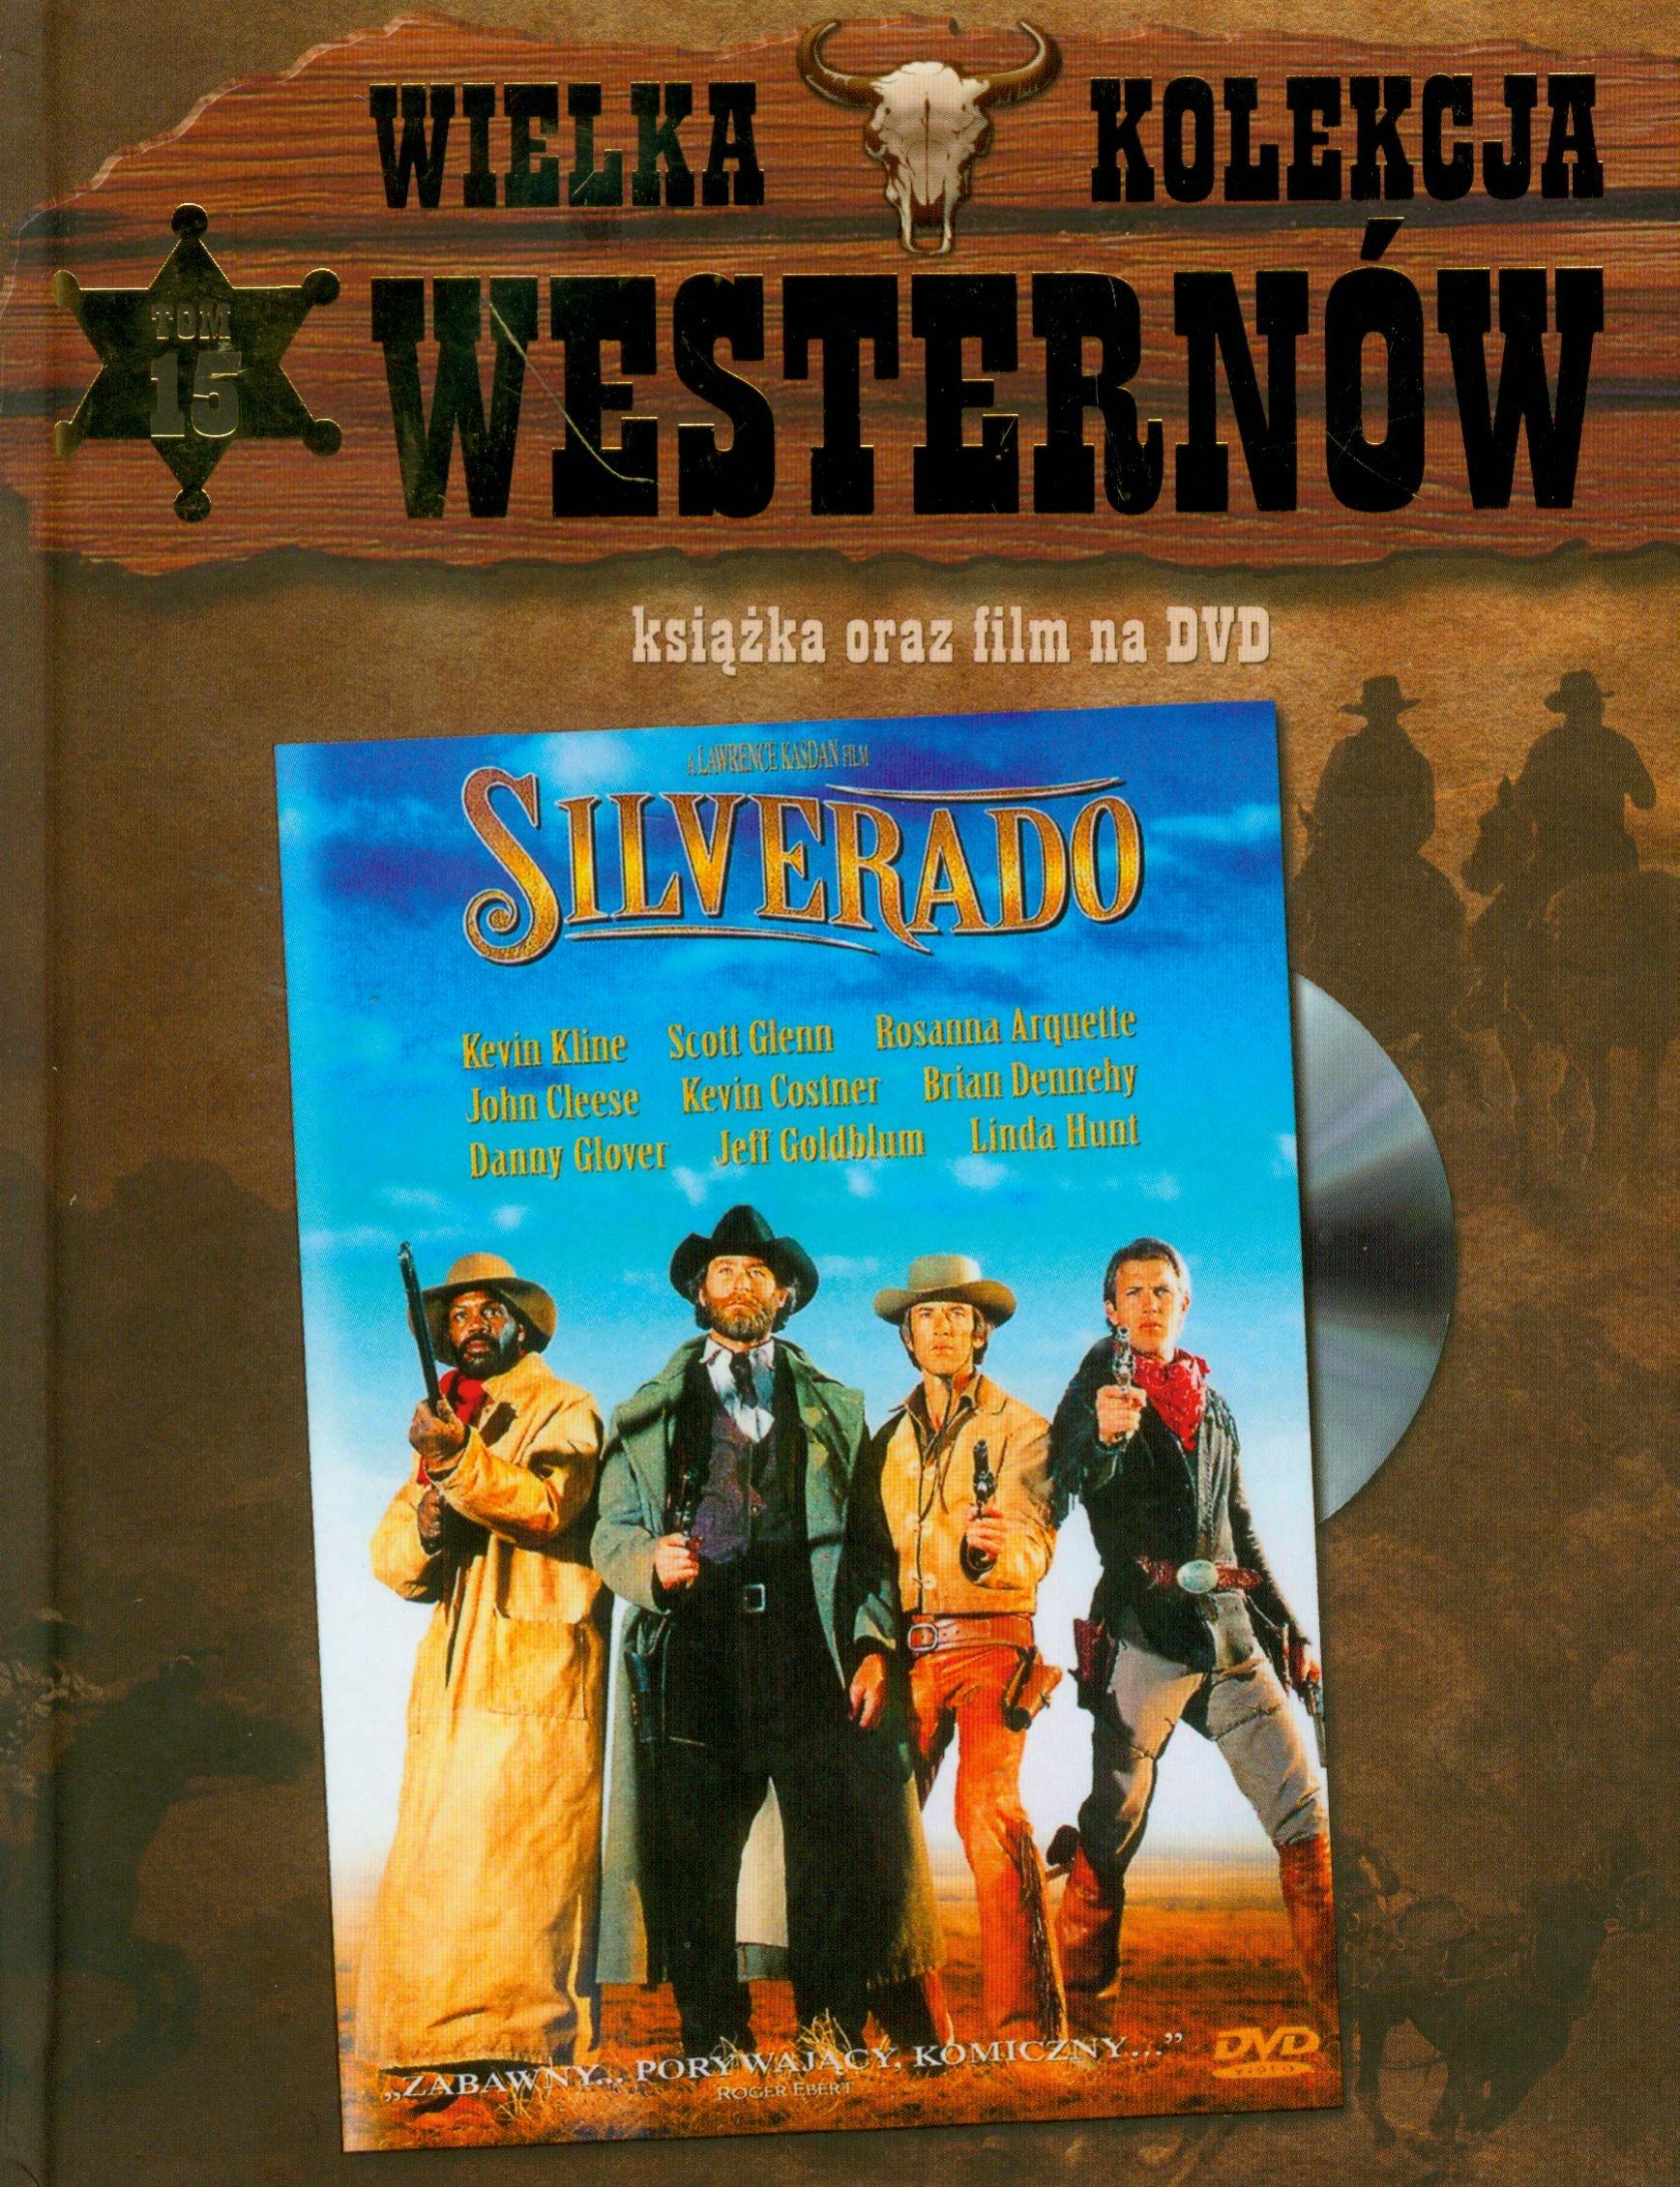 Wielka Kolekcja Westernow 15 Silverado